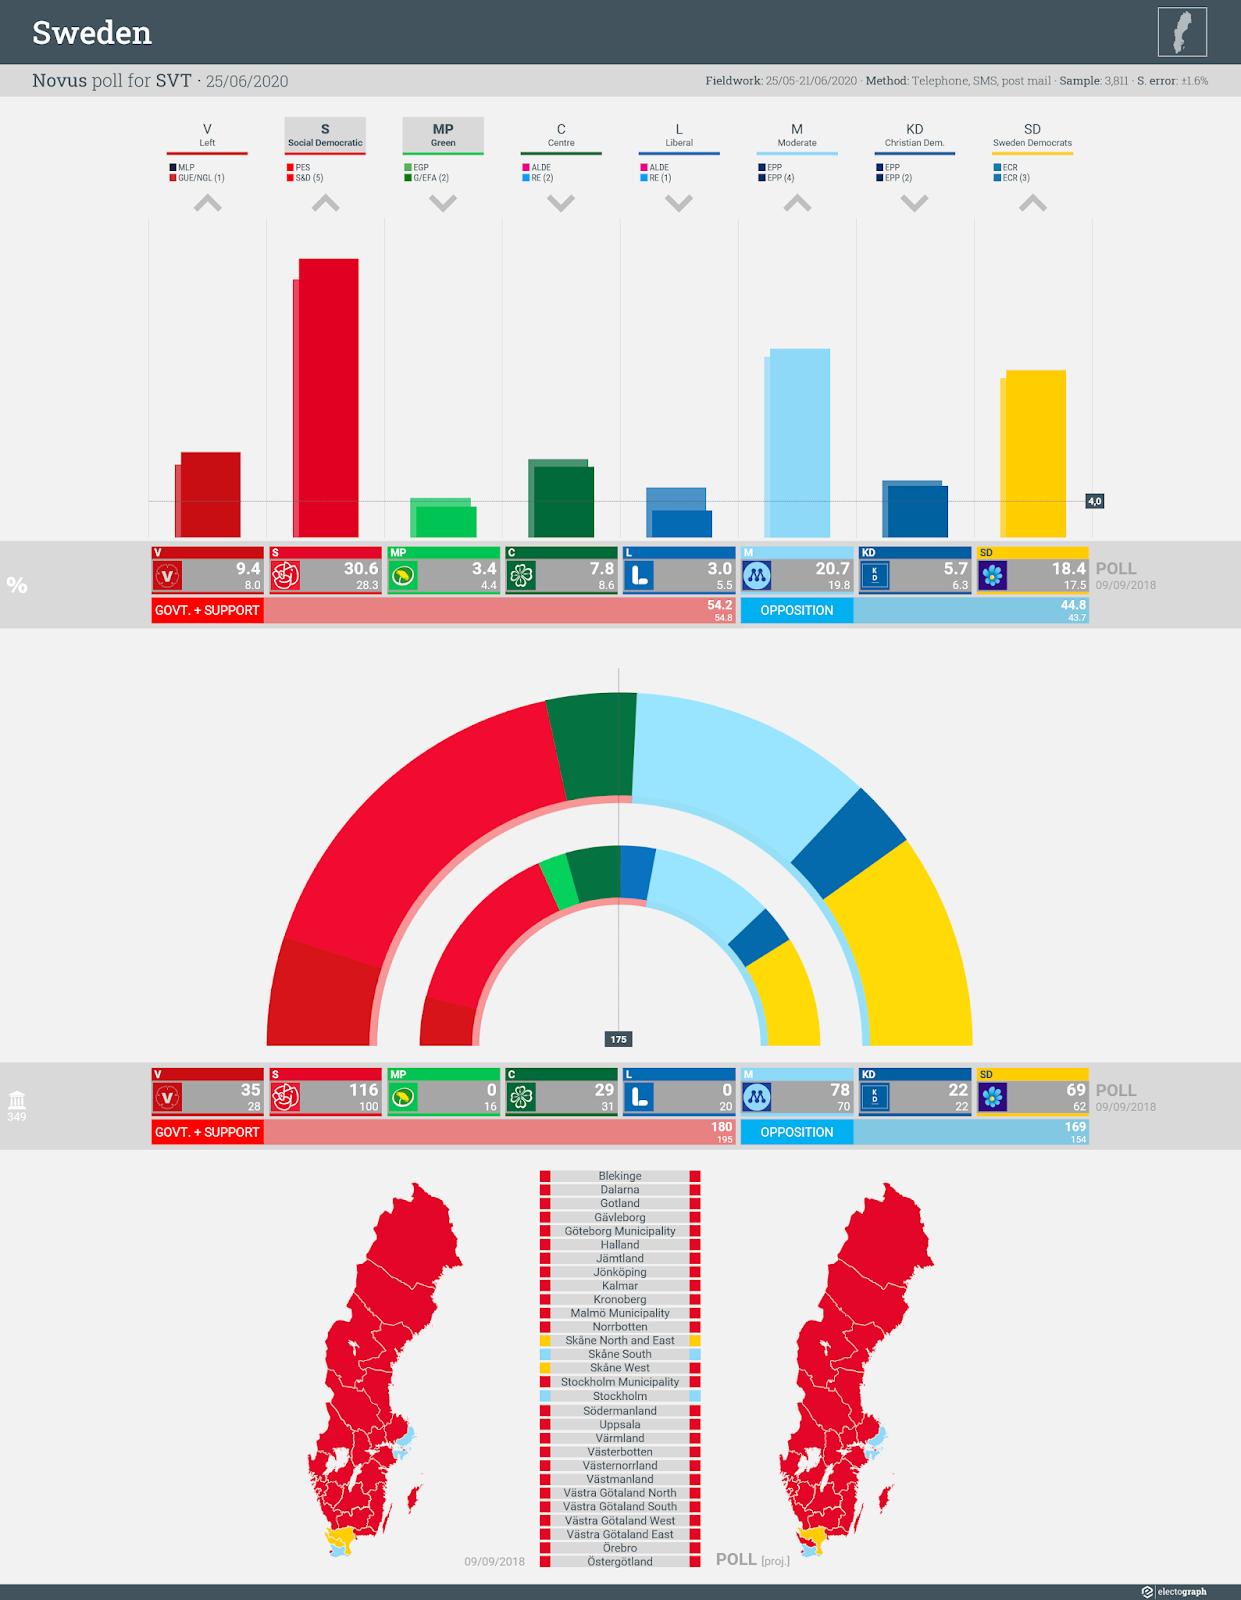 SWEDEN: Novus poll chart for SVT, 25 June 2020